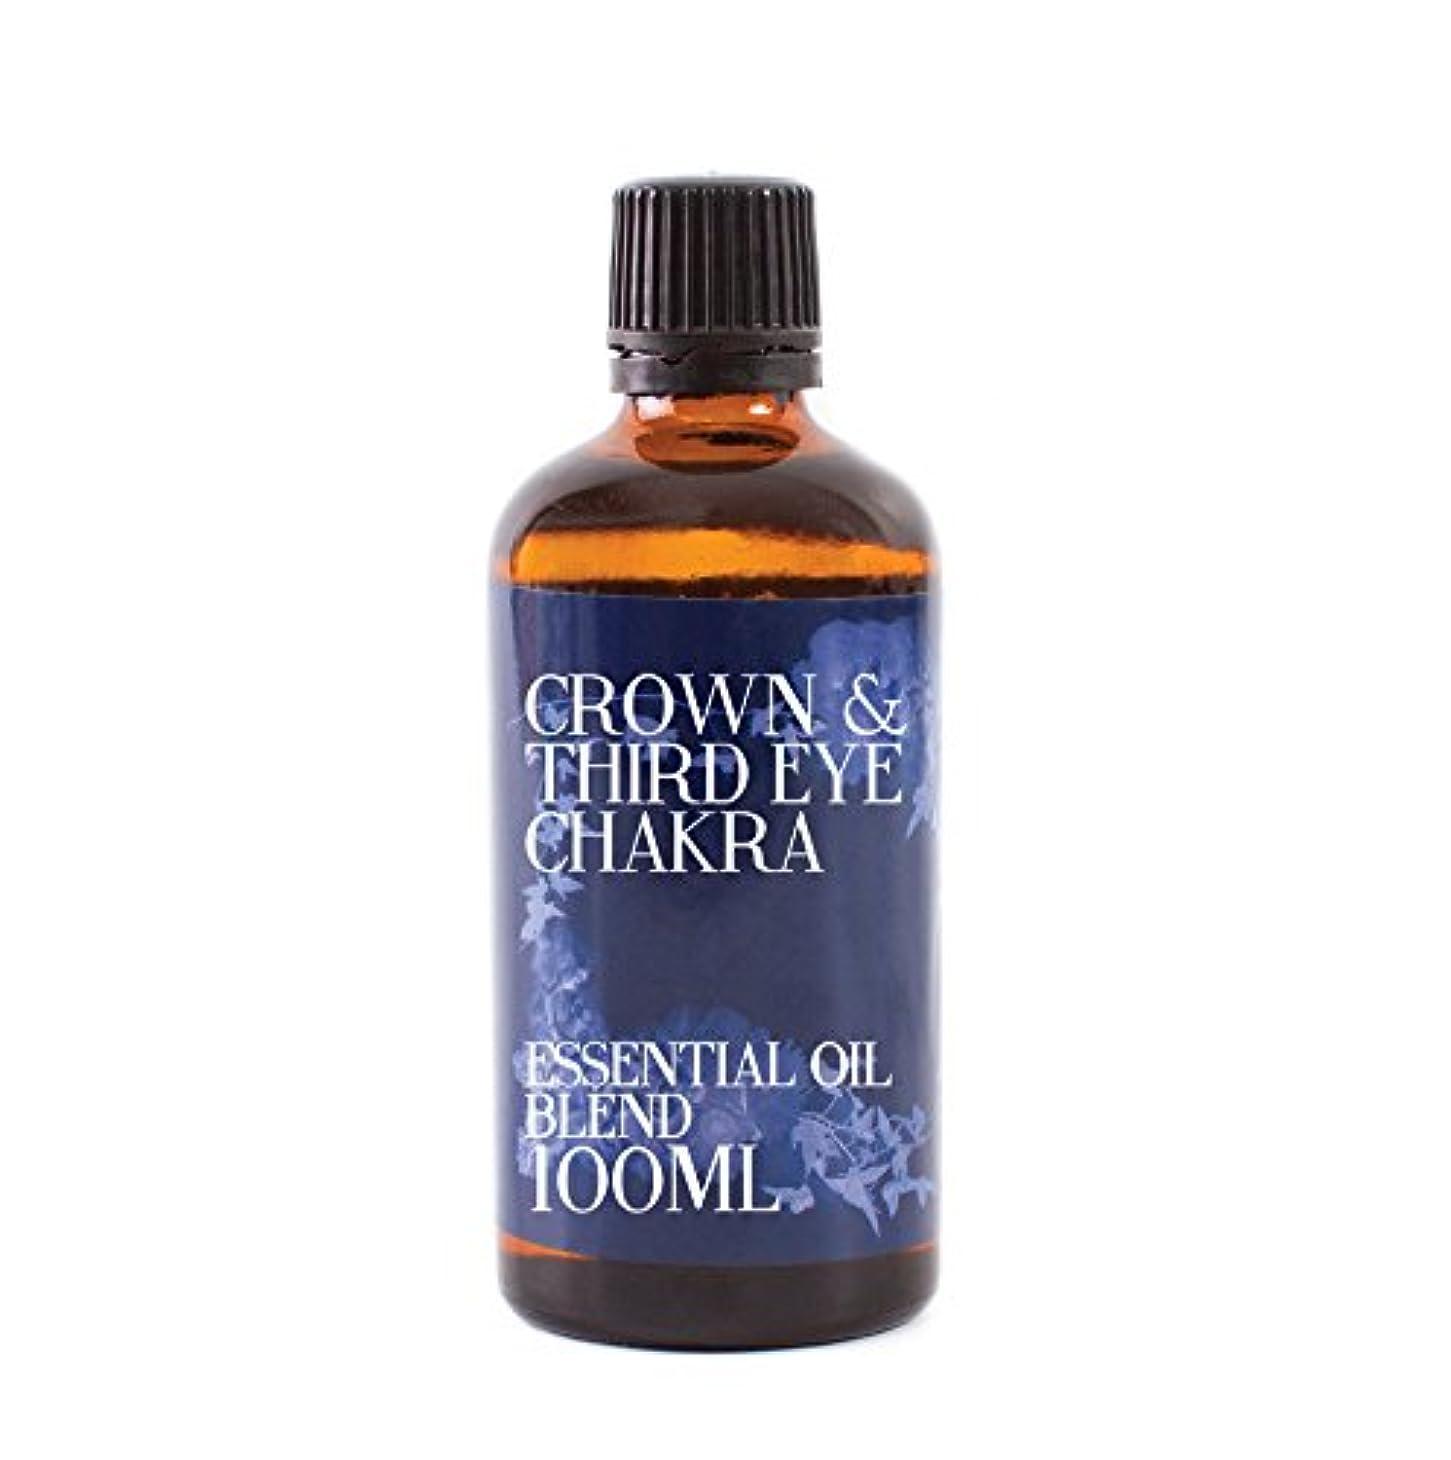 裁判所くさび鋭くMystic Moments   Crown Third Eye Chakra   Essential Oil Blend - 100ml